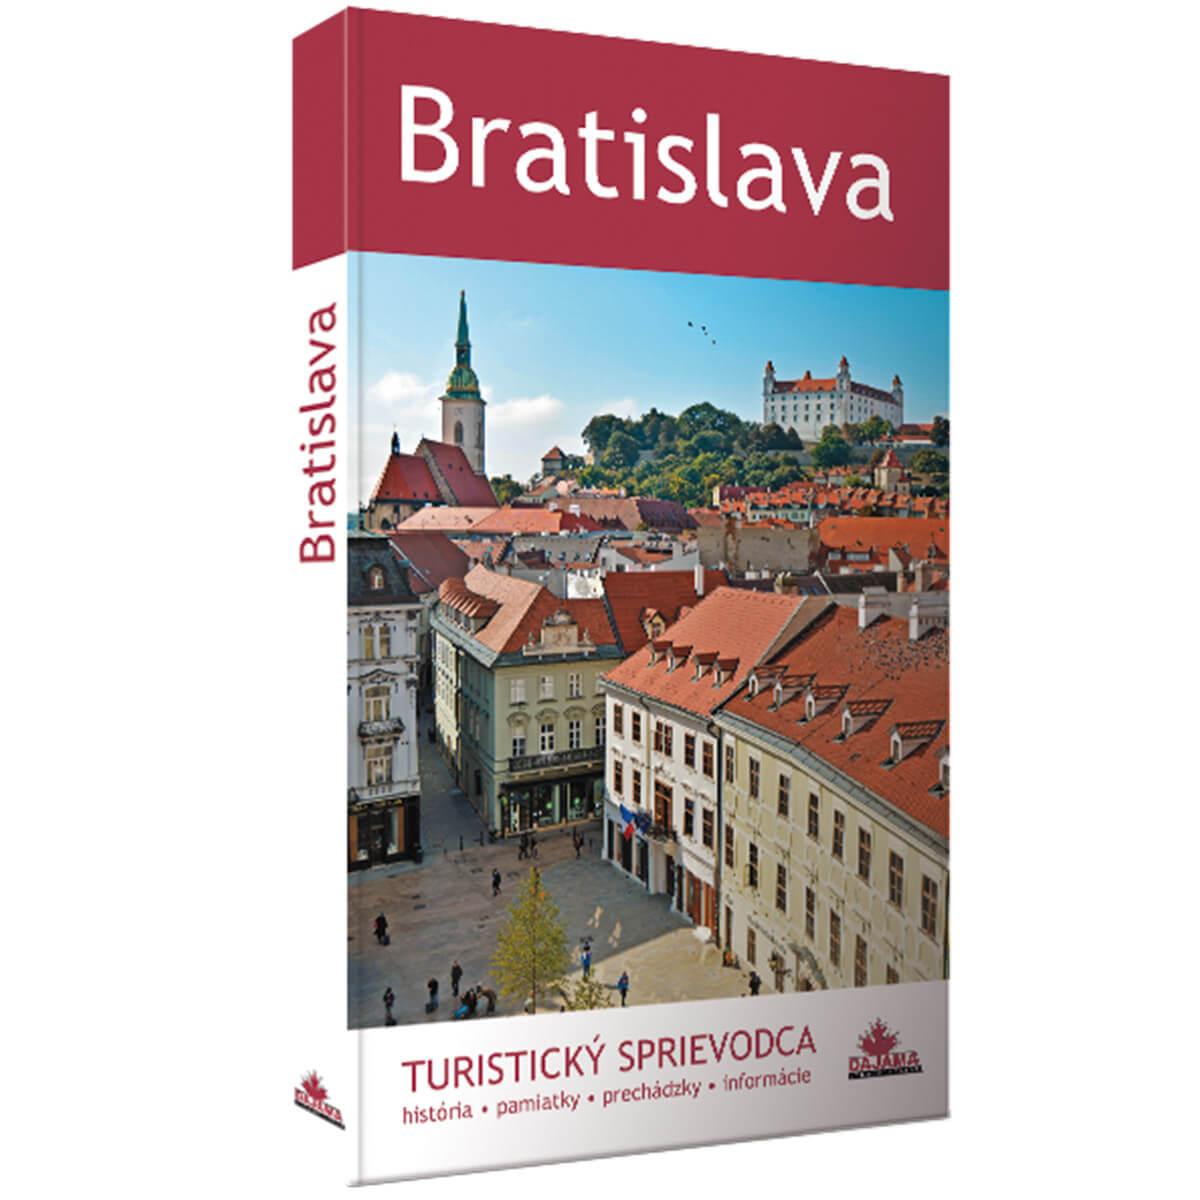 Kniha Bratislava - turistický sprievodca z vydavateľstva Dajama